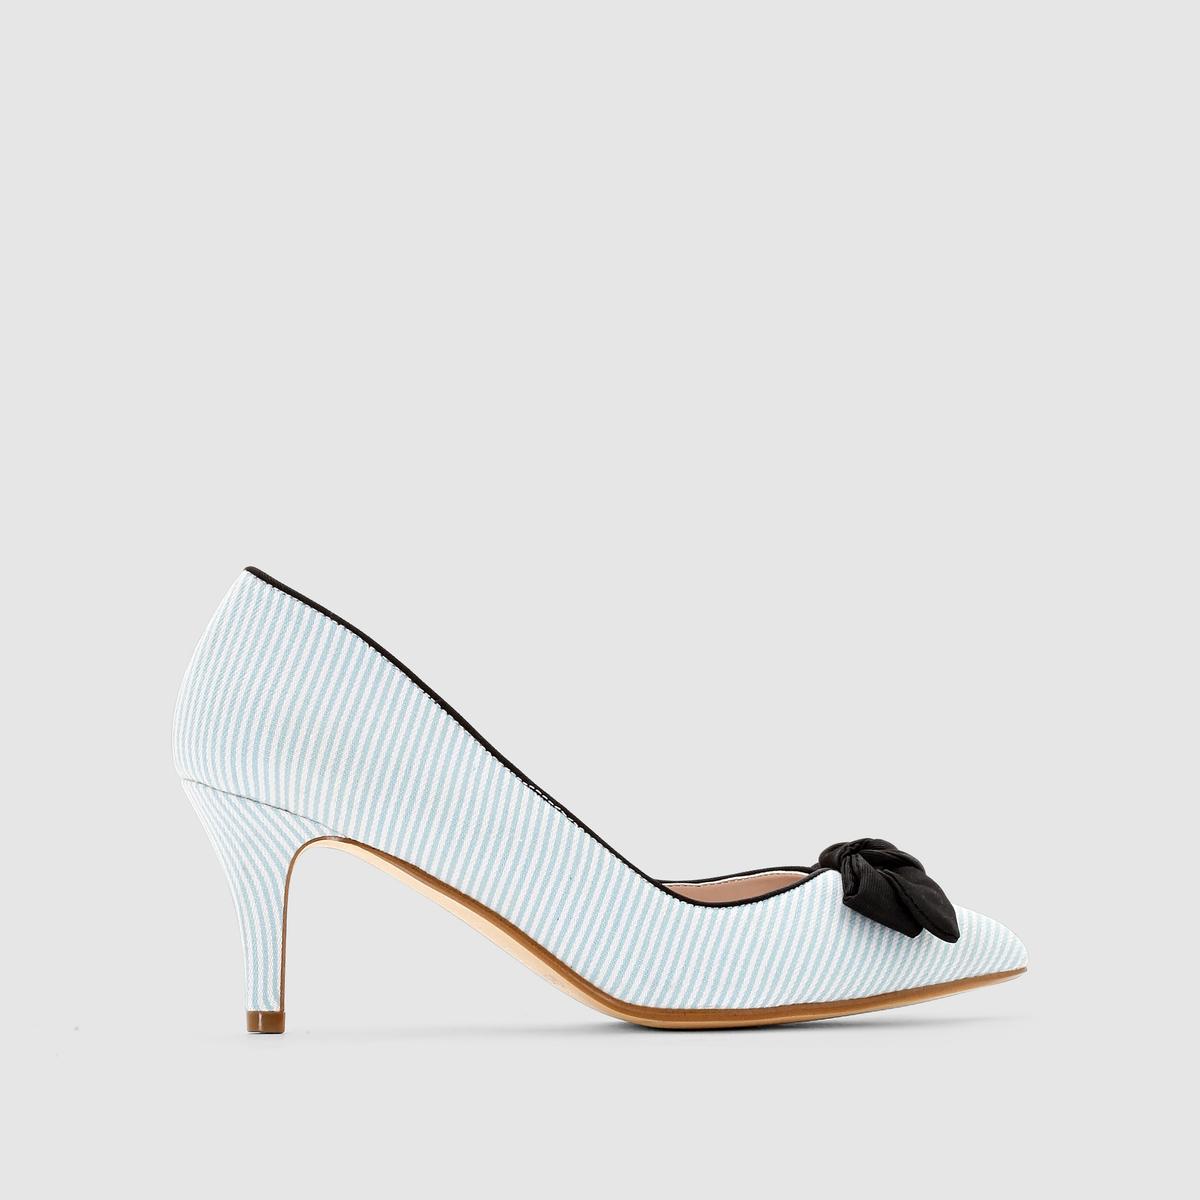 ТуфлиМы советуем выбирать обувь на размер больше, чем ваш обычный размер.<br><br>Цвет: синий/ в полоску<br>Размер: 35